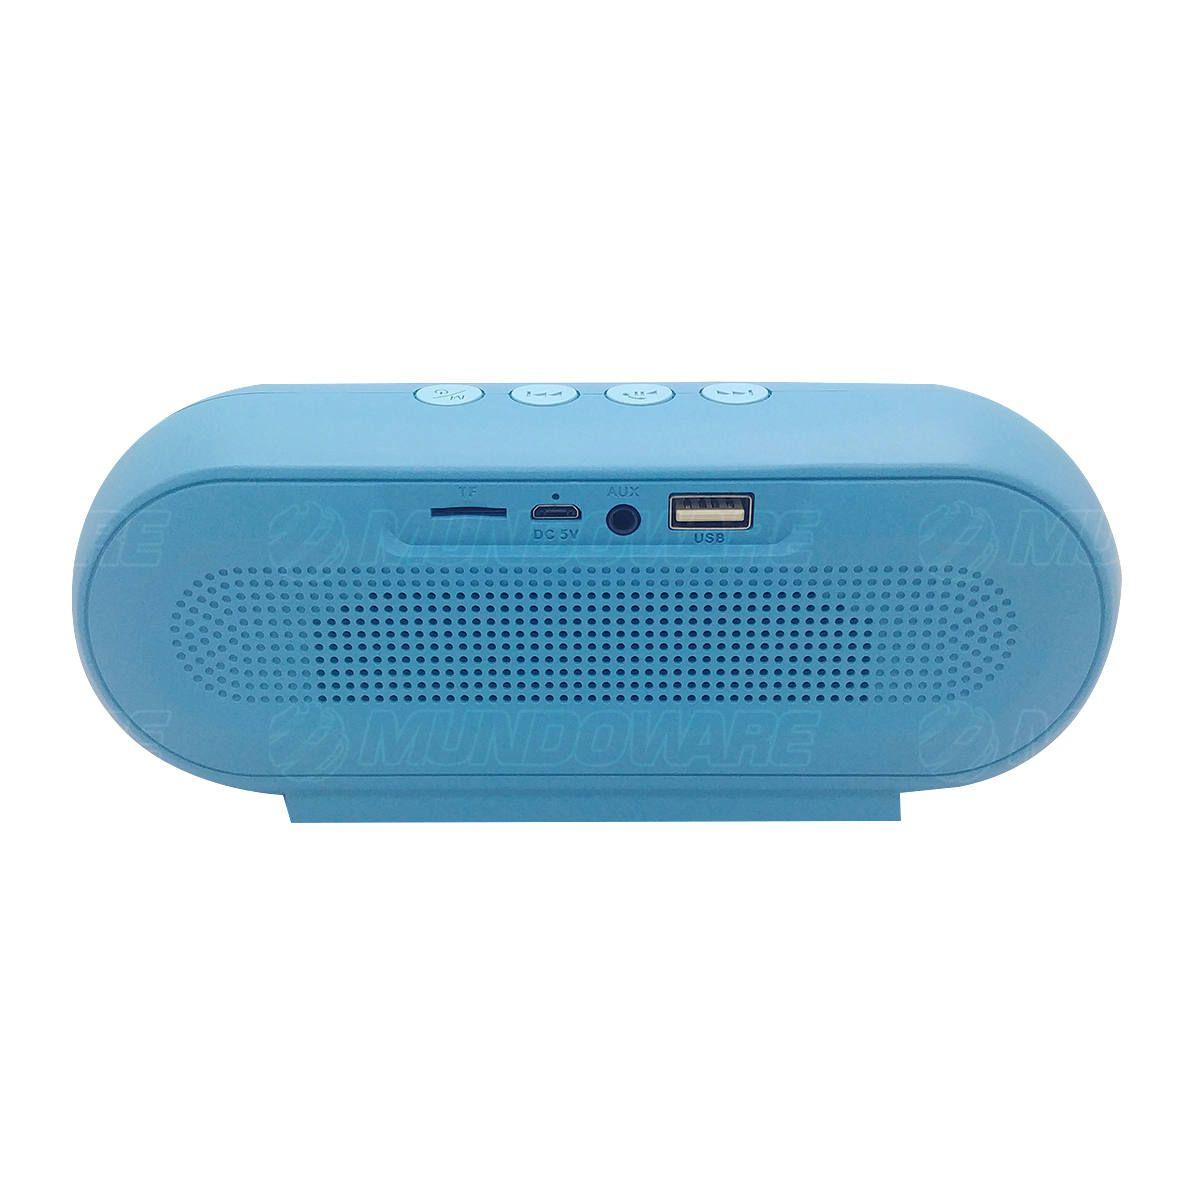 Caixa de Som Bluetooth 5.0 Multimídia FM USB SD P2 Tecnologia TWS Bateria 1200mAh Macaron VC-M290BT Azul